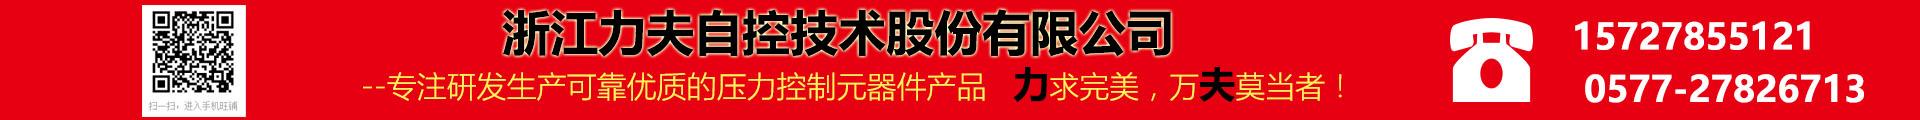 浙江力夫自控技术股份有限公司